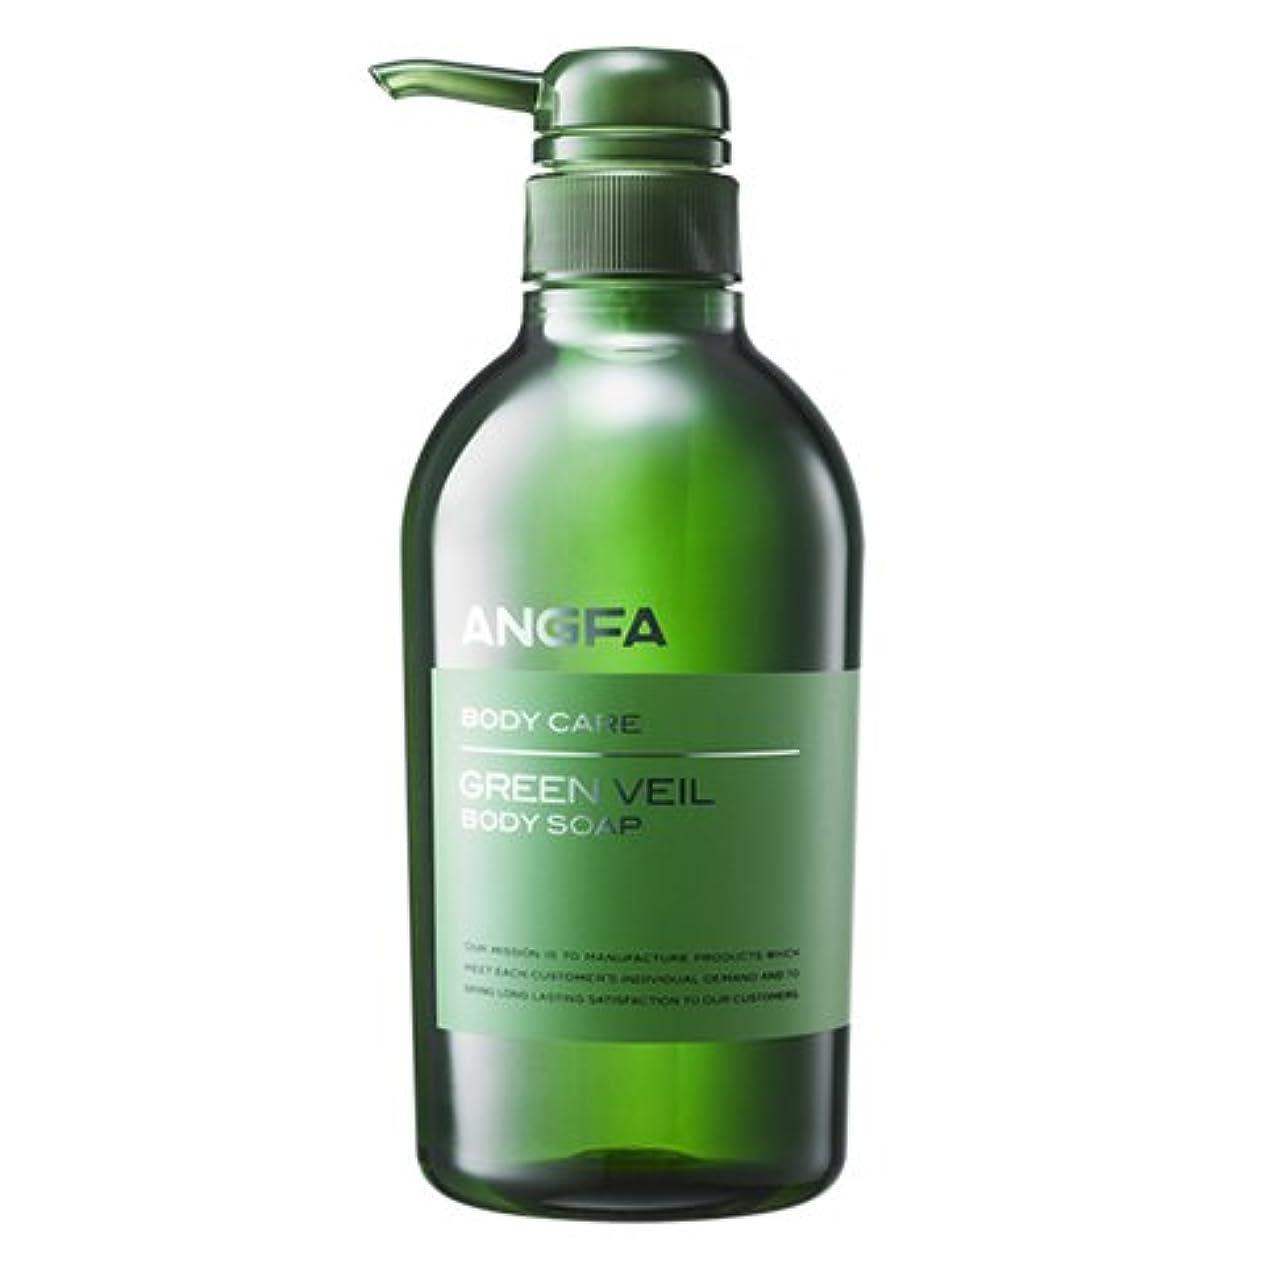 メイエラ快適首相アンファー (ANGFA) グリーンベール 薬用ボディソープ 500ml グリーンフローラル [乾燥?保湿] かゆみ肌